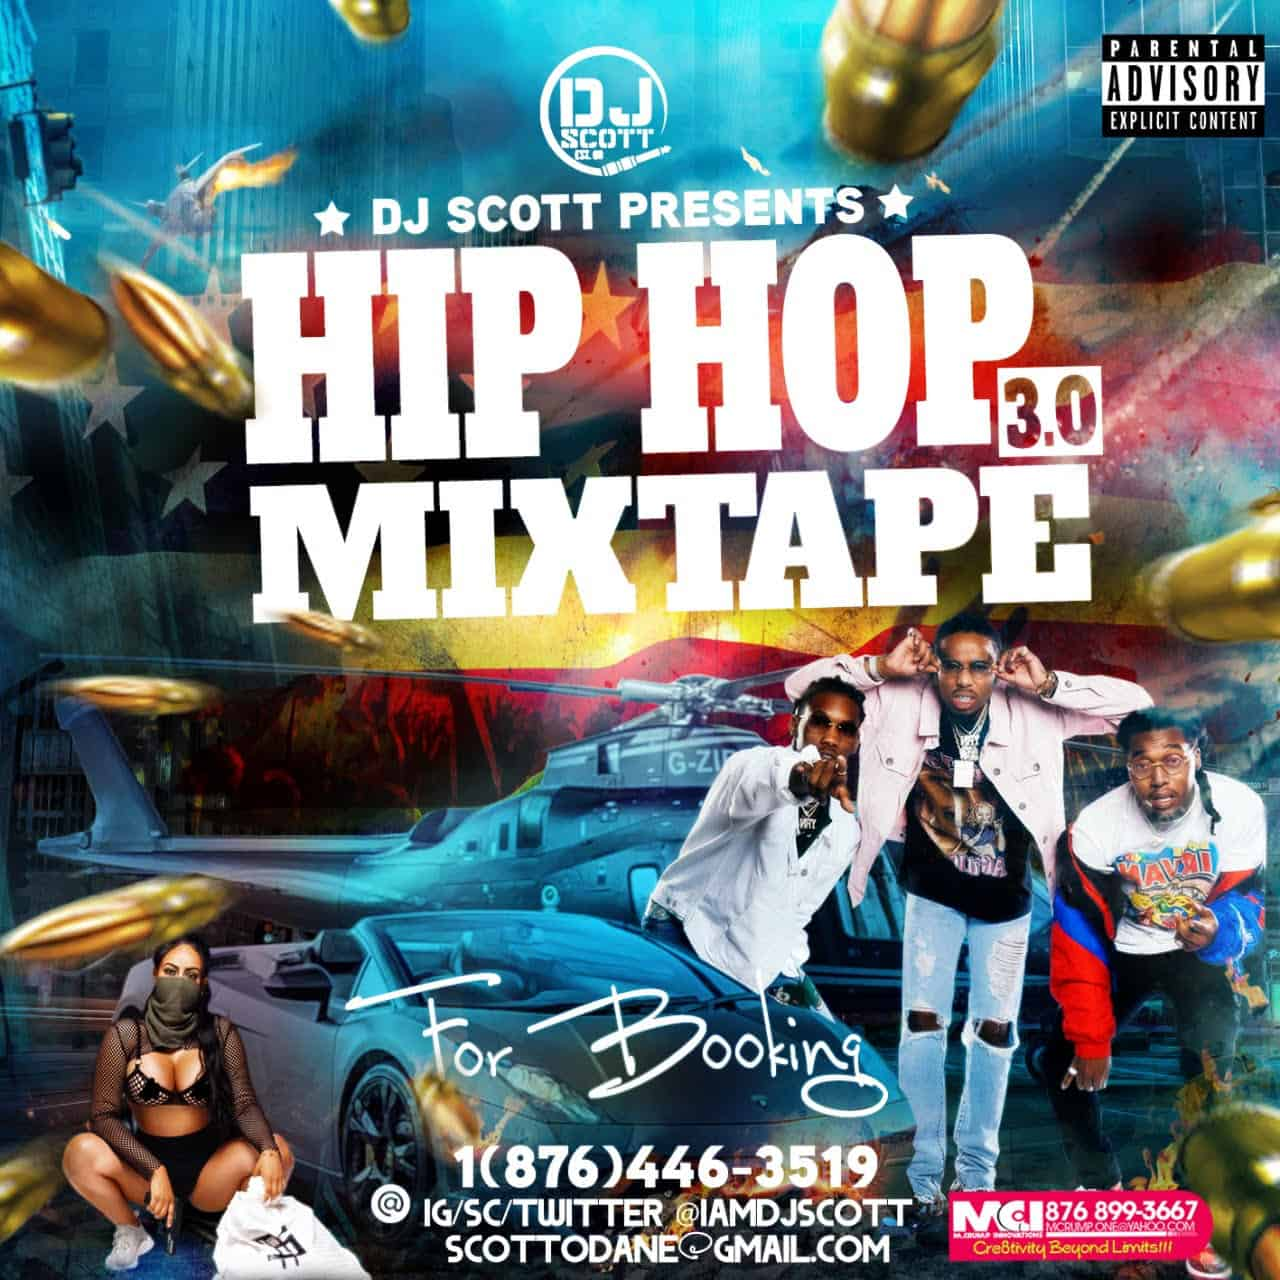 Dj Scott - Hip Hop 3.0 Mixtape